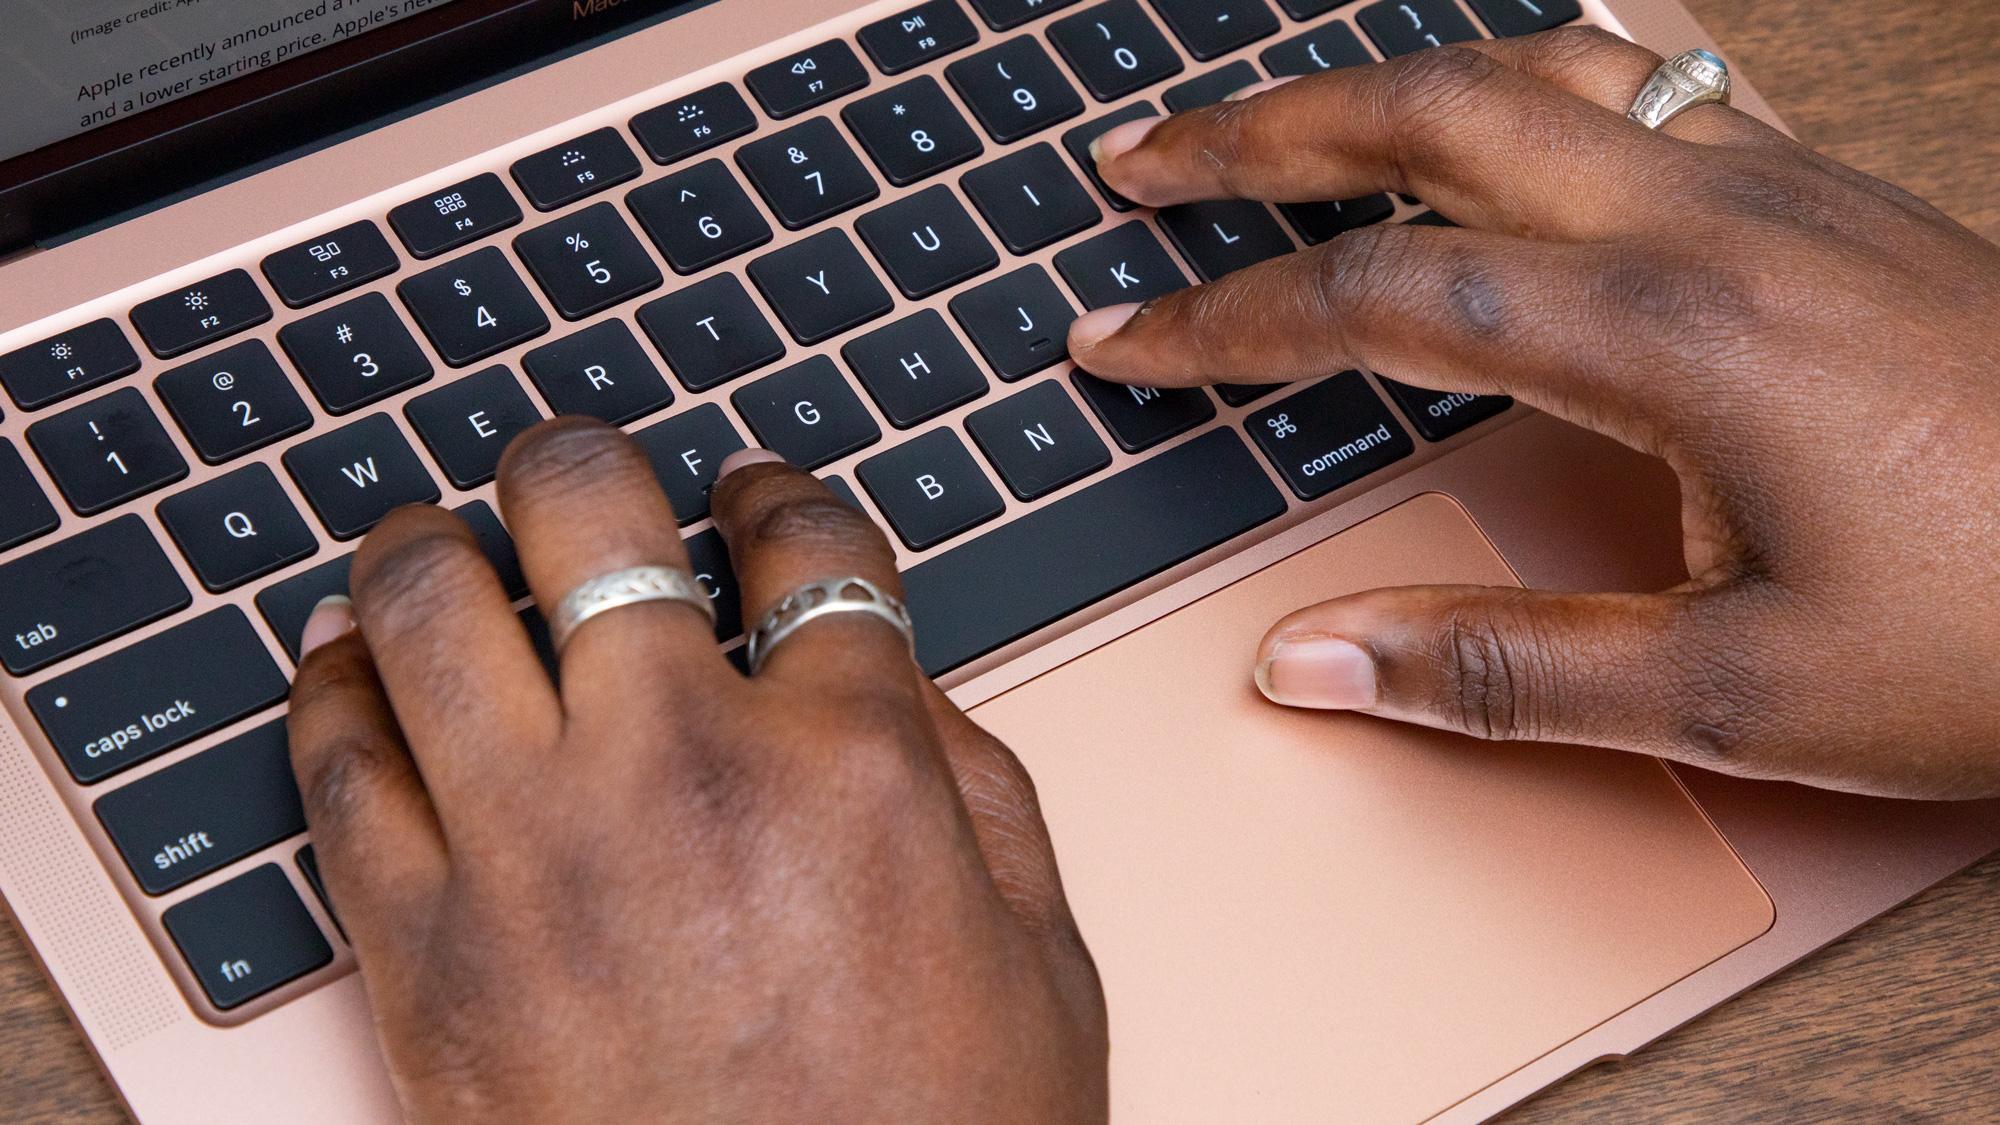 MacBook Air vs Pro: Keyboard